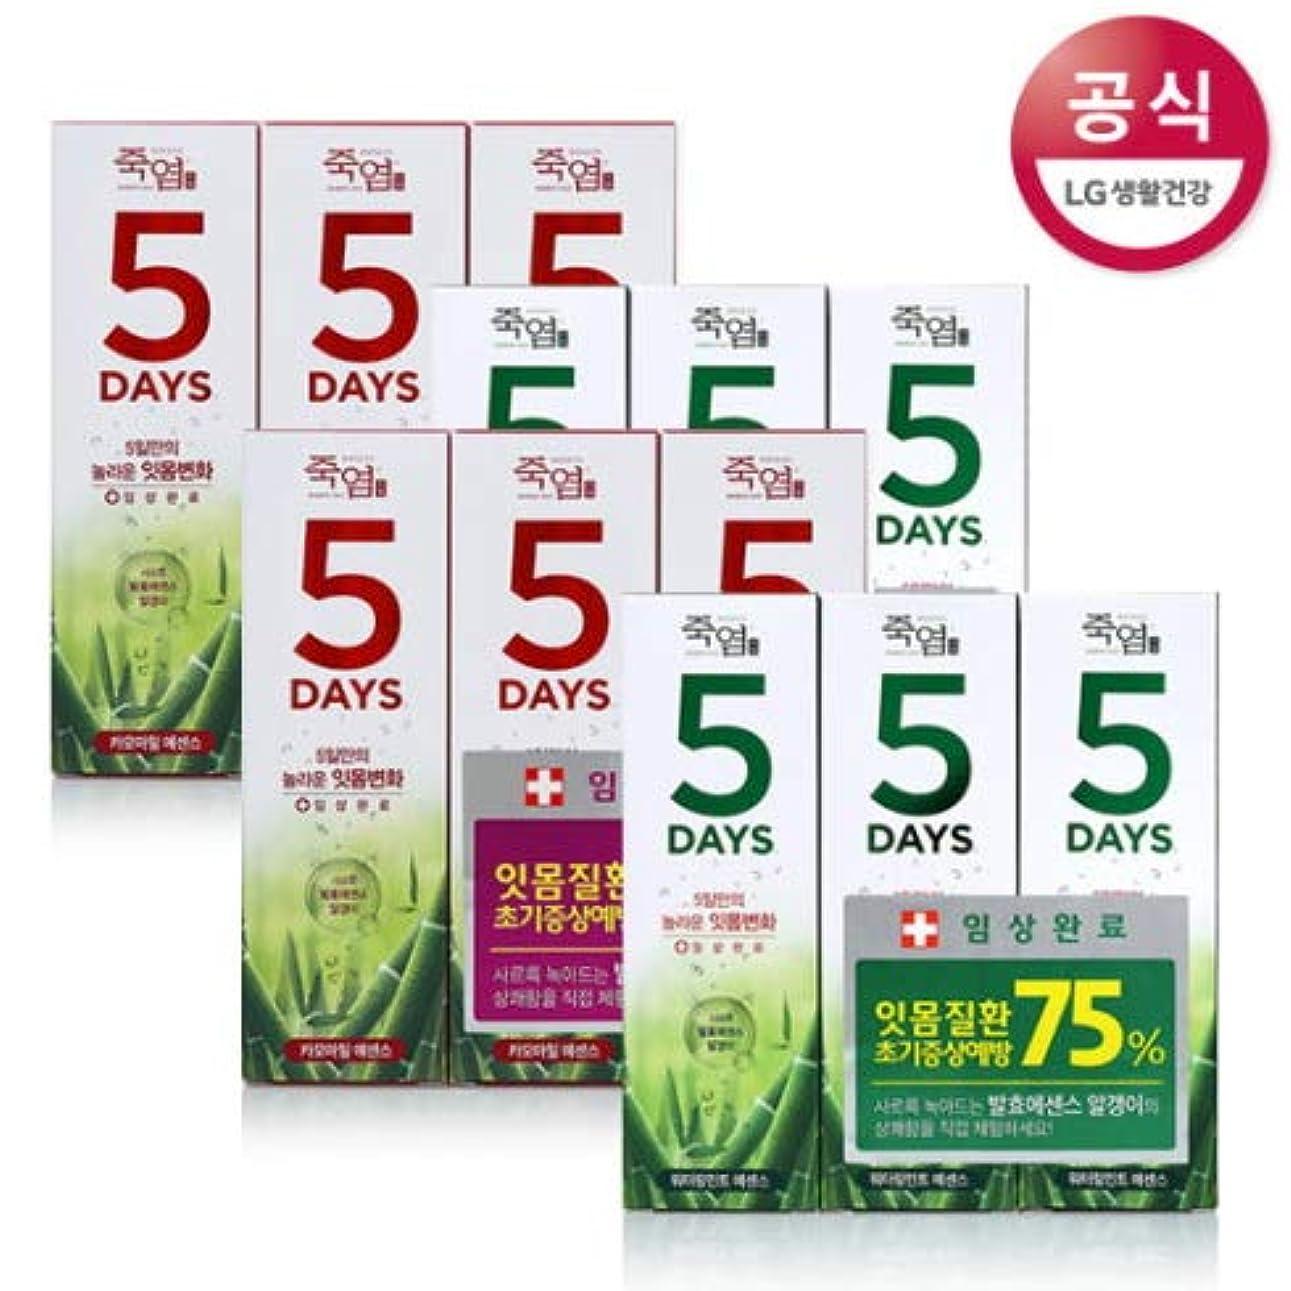 おなかがすいた社会堤防[LG HnB] Bamboo Salt 5days Toothpaste /竹塩5days歯磨き粉 100gx12個(海外直送品)